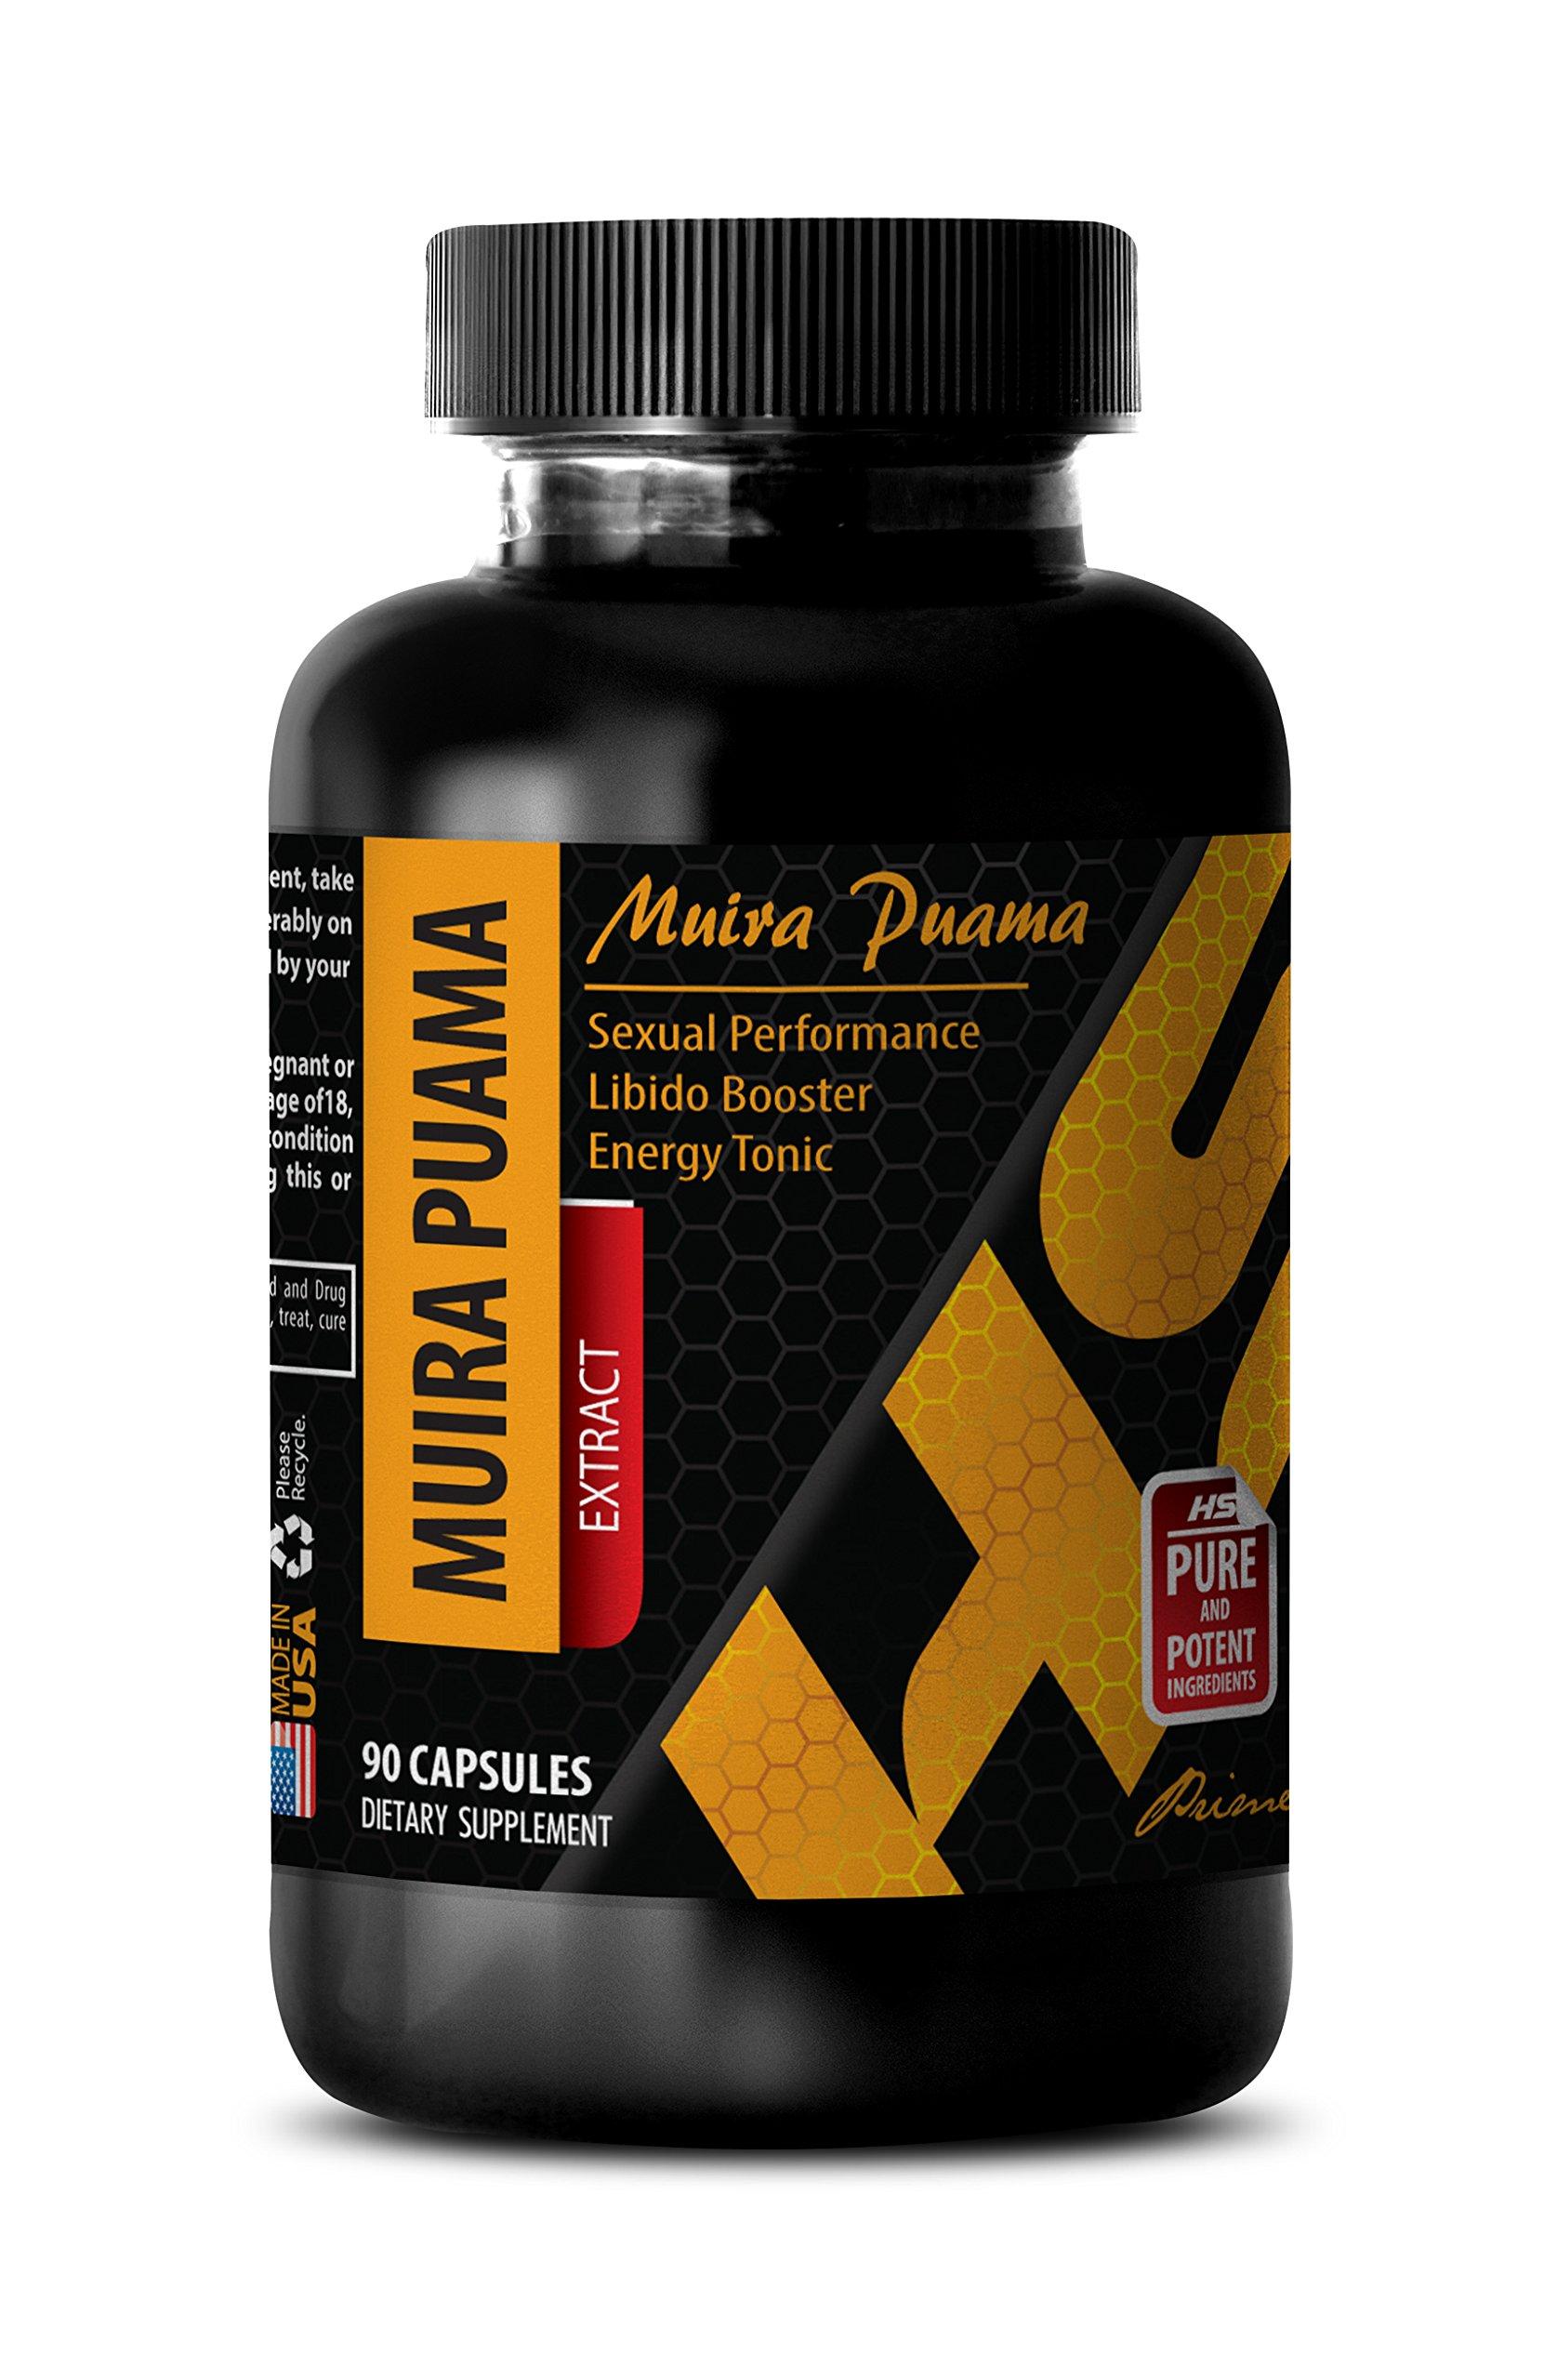 Sexual performance enhancer pills - MUIRA PUAMA EXTRACT - Muira puama bulk - 1 Bottle 90 Capsules